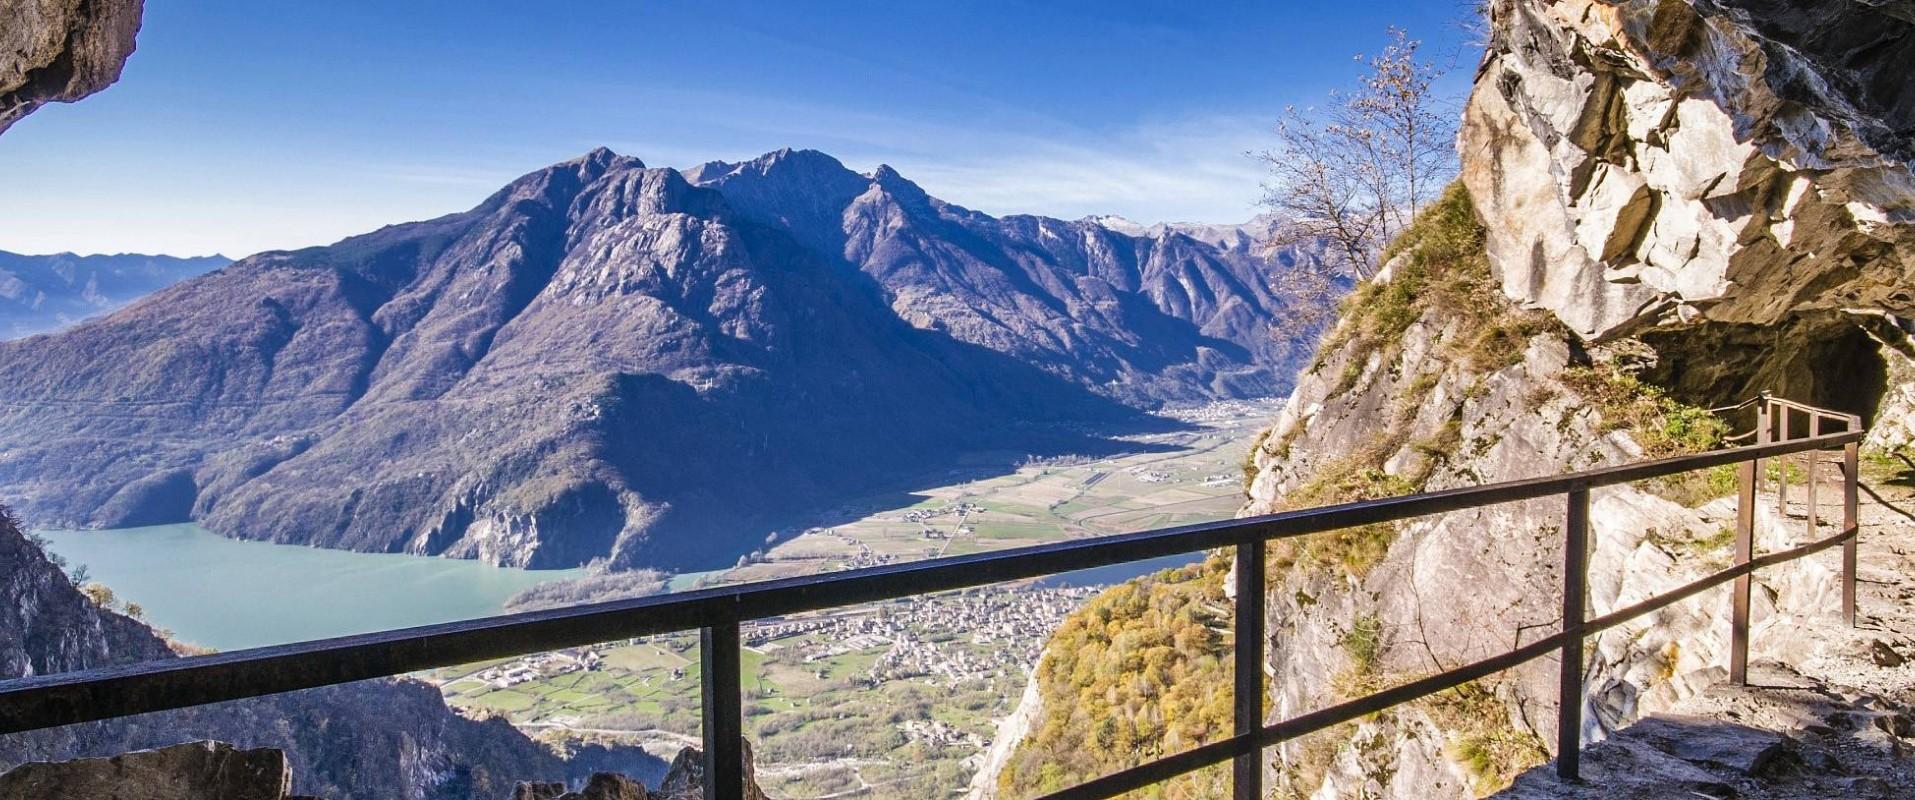 Valtellina, Valchiavenna e Lago di Como